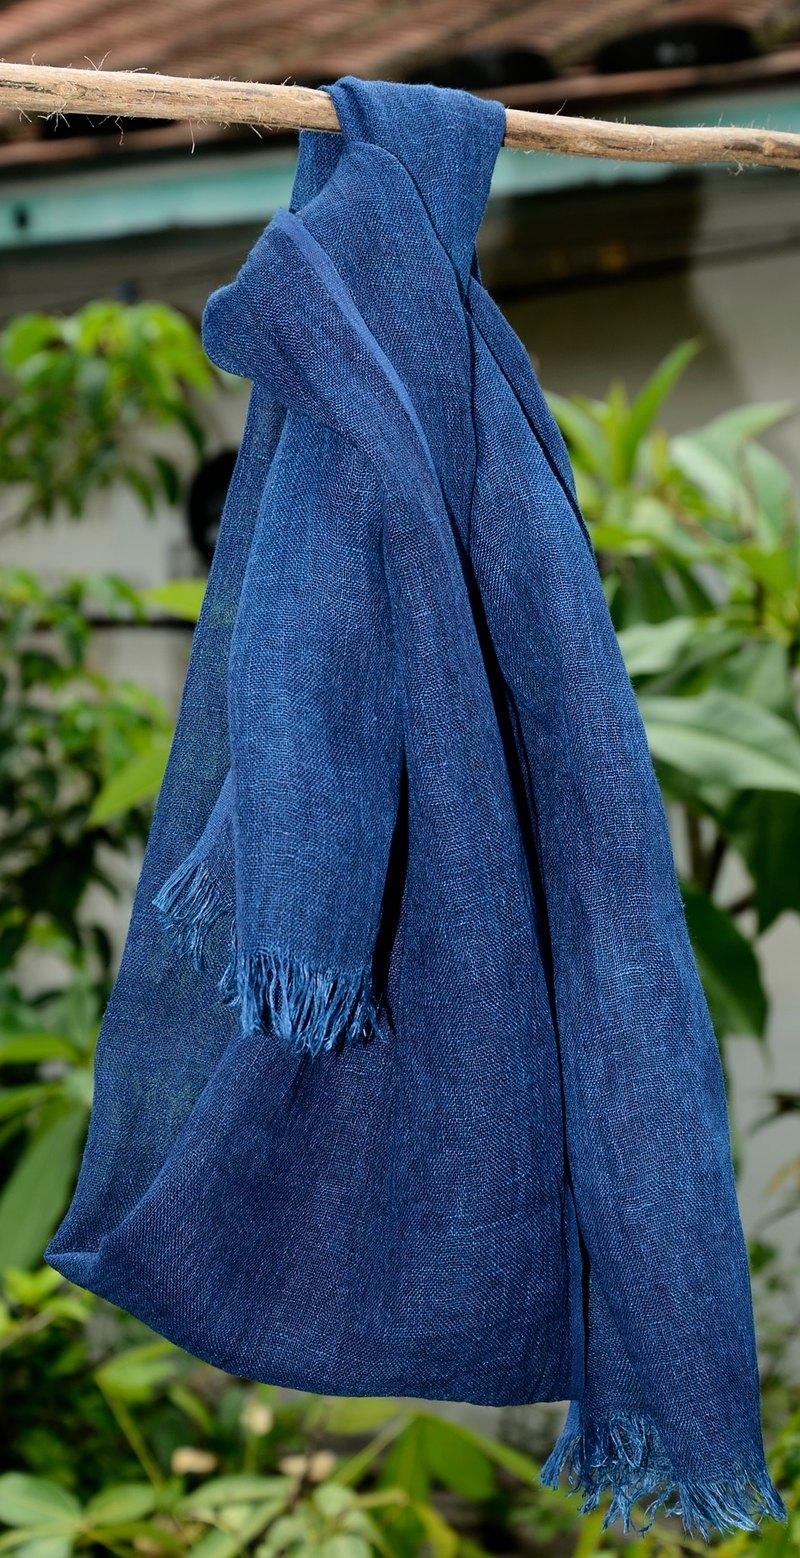 藍染植物染亞麻圍巾帶有亞麻原色比較細軟